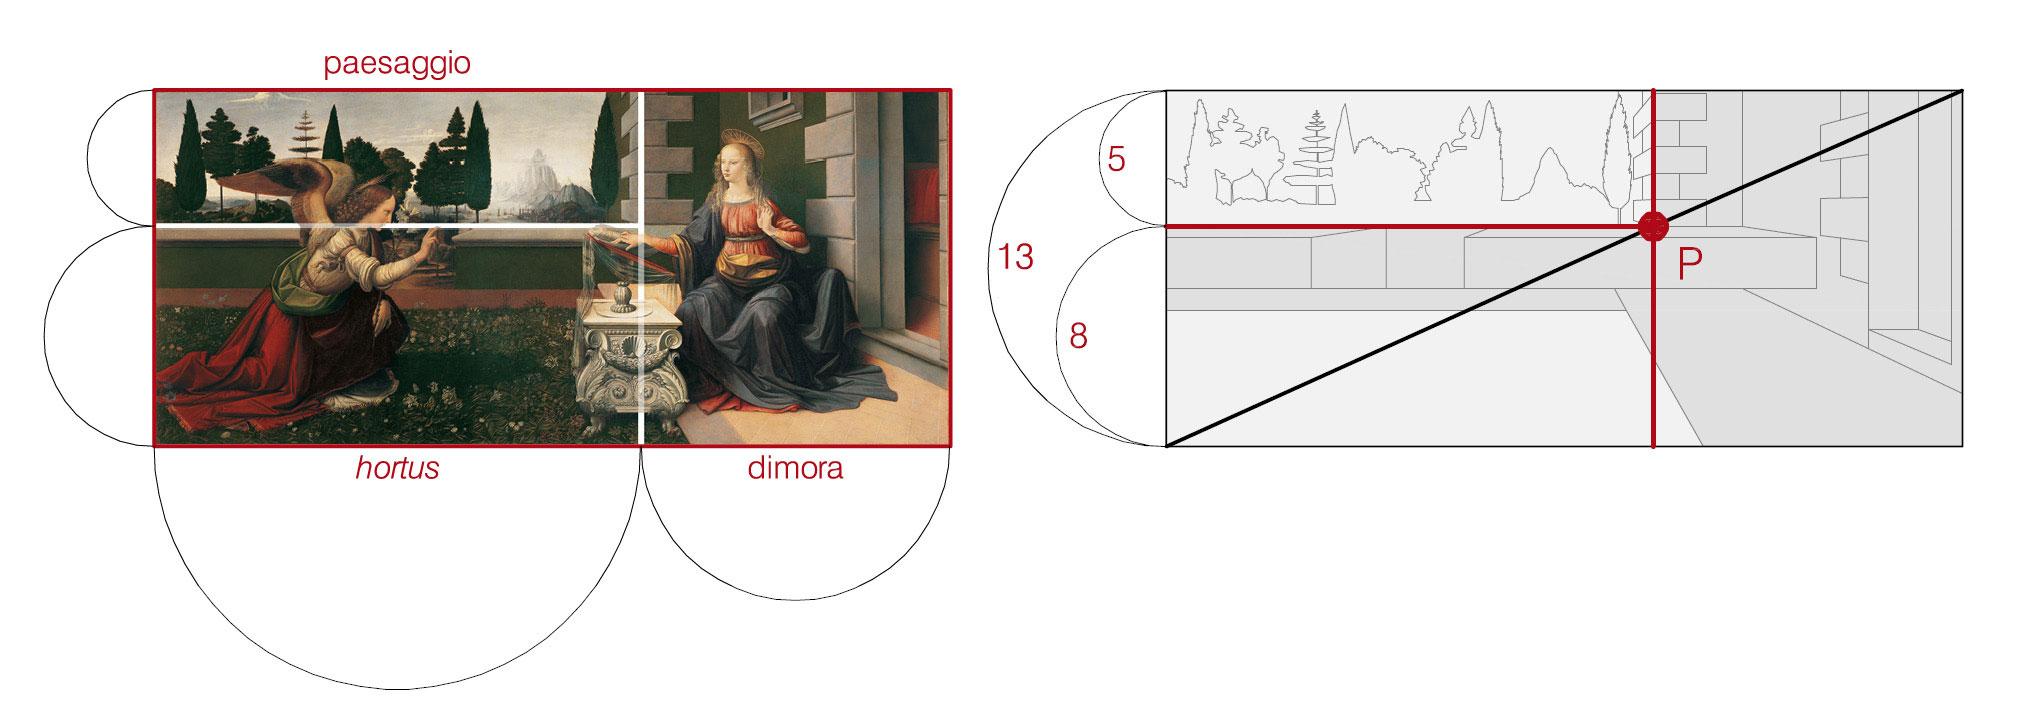 Paesaggio, hortus e dimora si dispongono in una trama geometrica che ne definisce i rapporti secondo la perfetta proporzione.  Le due linee perpendicolari, bancale del muretto e spigolo della dimora, si incrociano in un punto focale che raccorda le partiture: al di sopra il messaggio dichiarato delle 5 pietre d'angolo